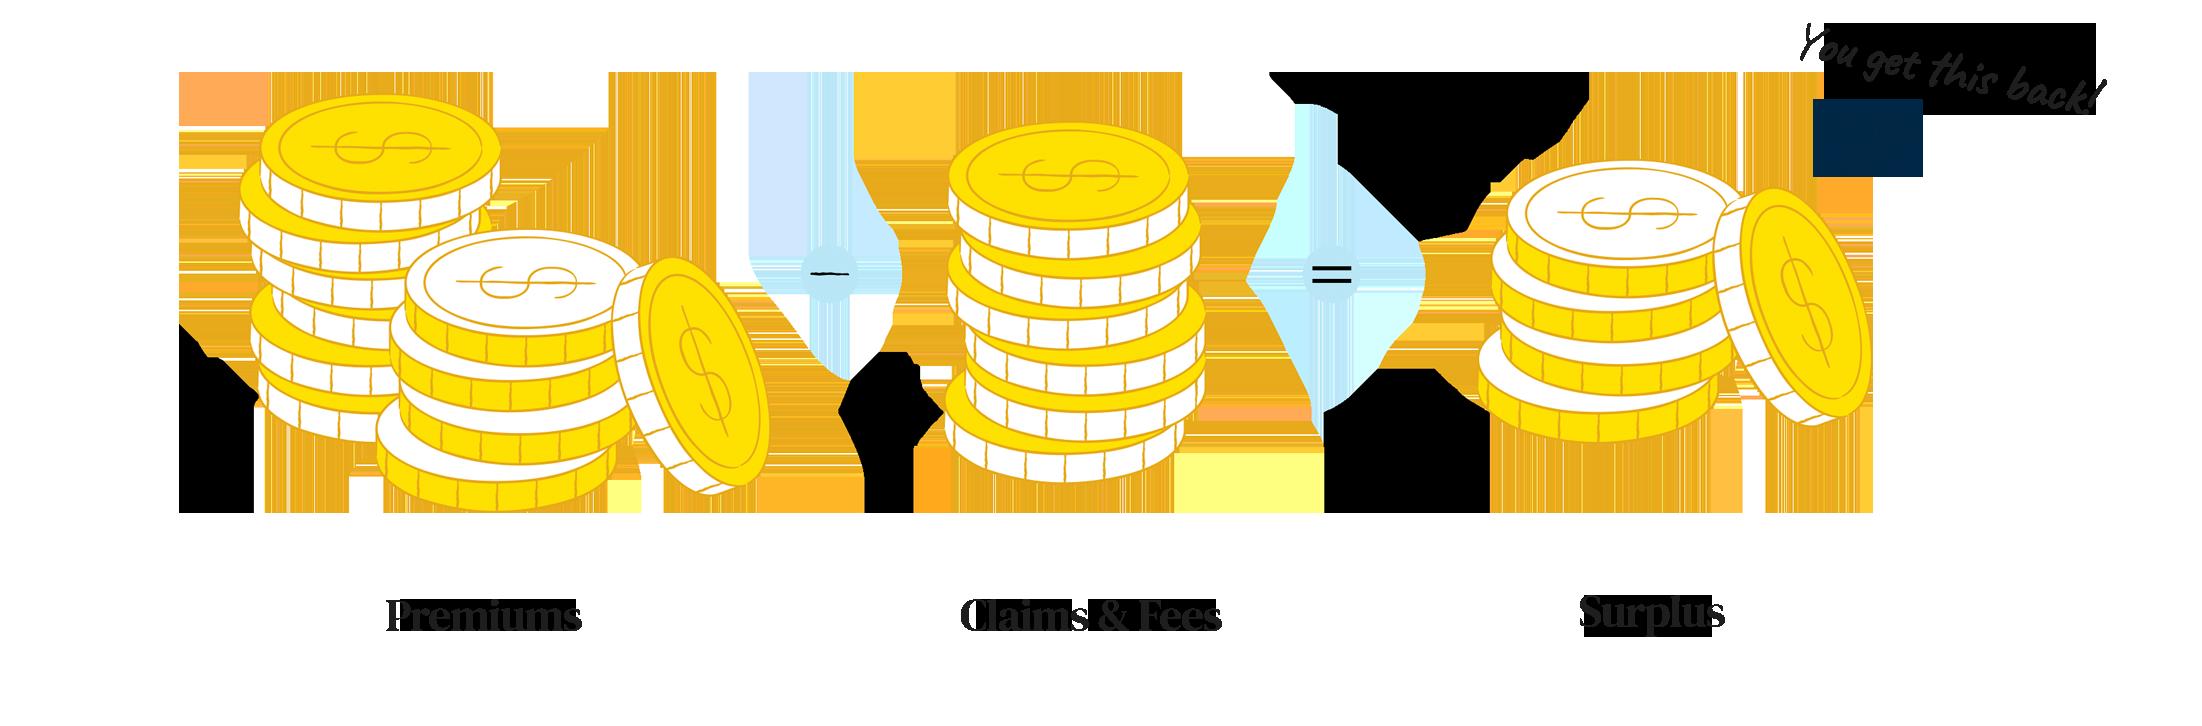 Refunds on employee benefits